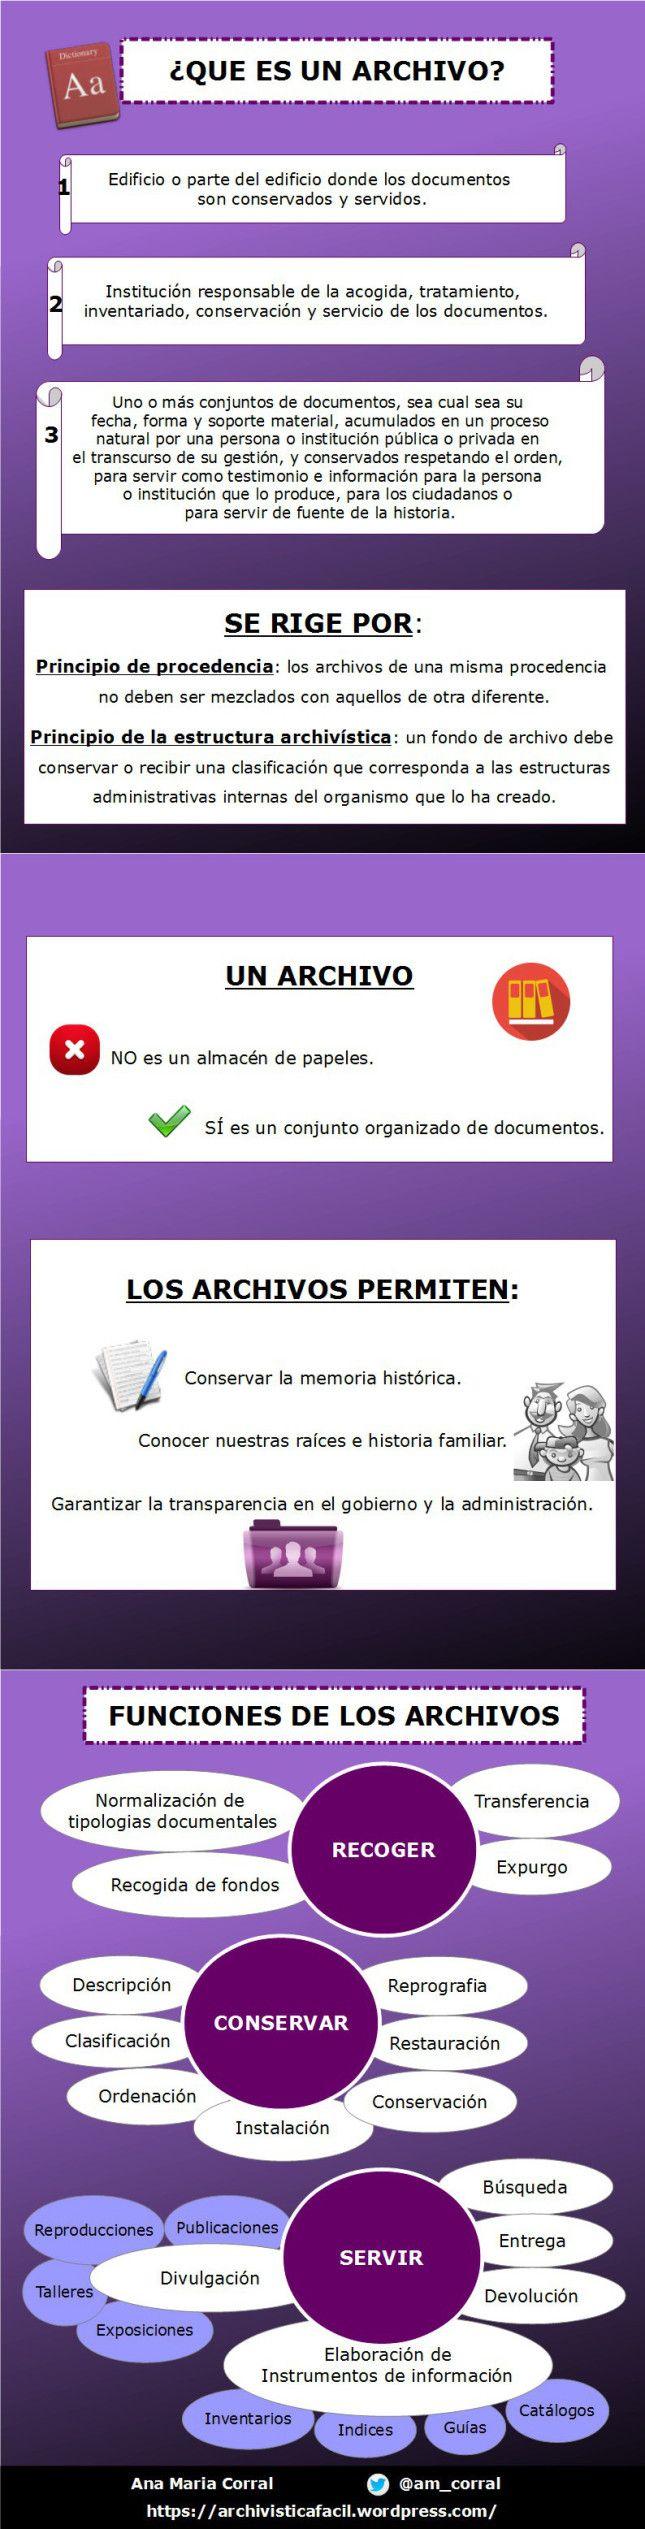 Infografia. ¿Que son los archivos y que funciones tienen?    #archivos #archivistica #infografias